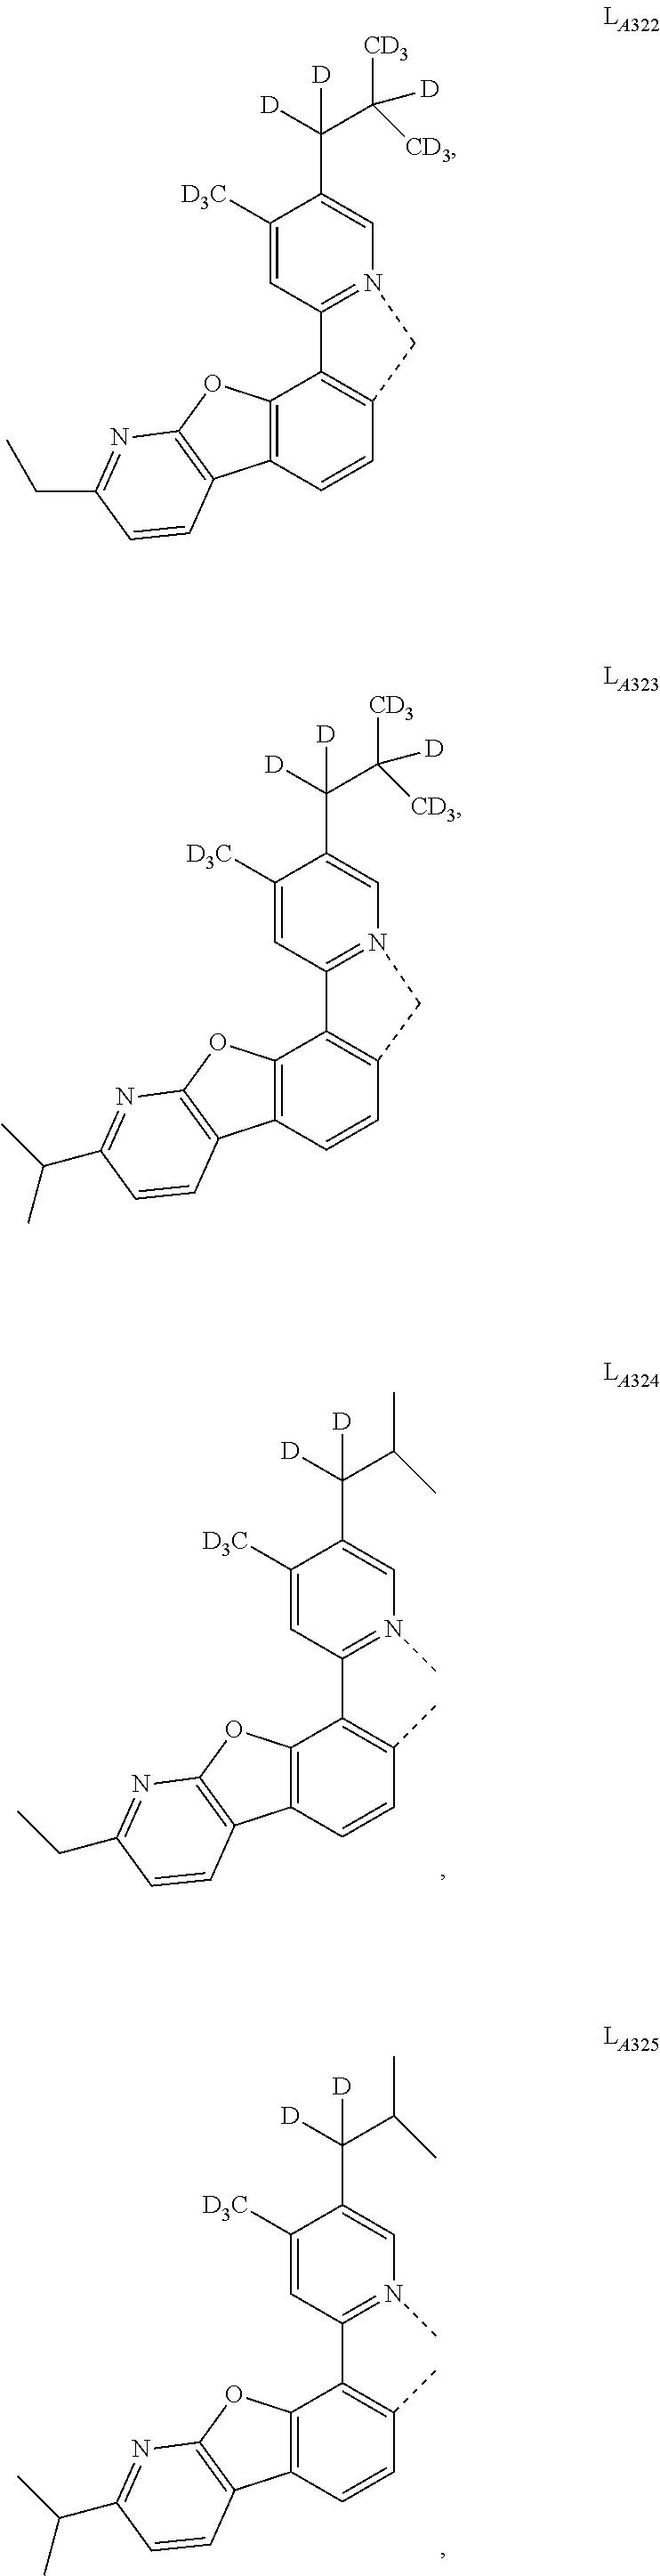 Figure US20160049599A1-20160218-C00085